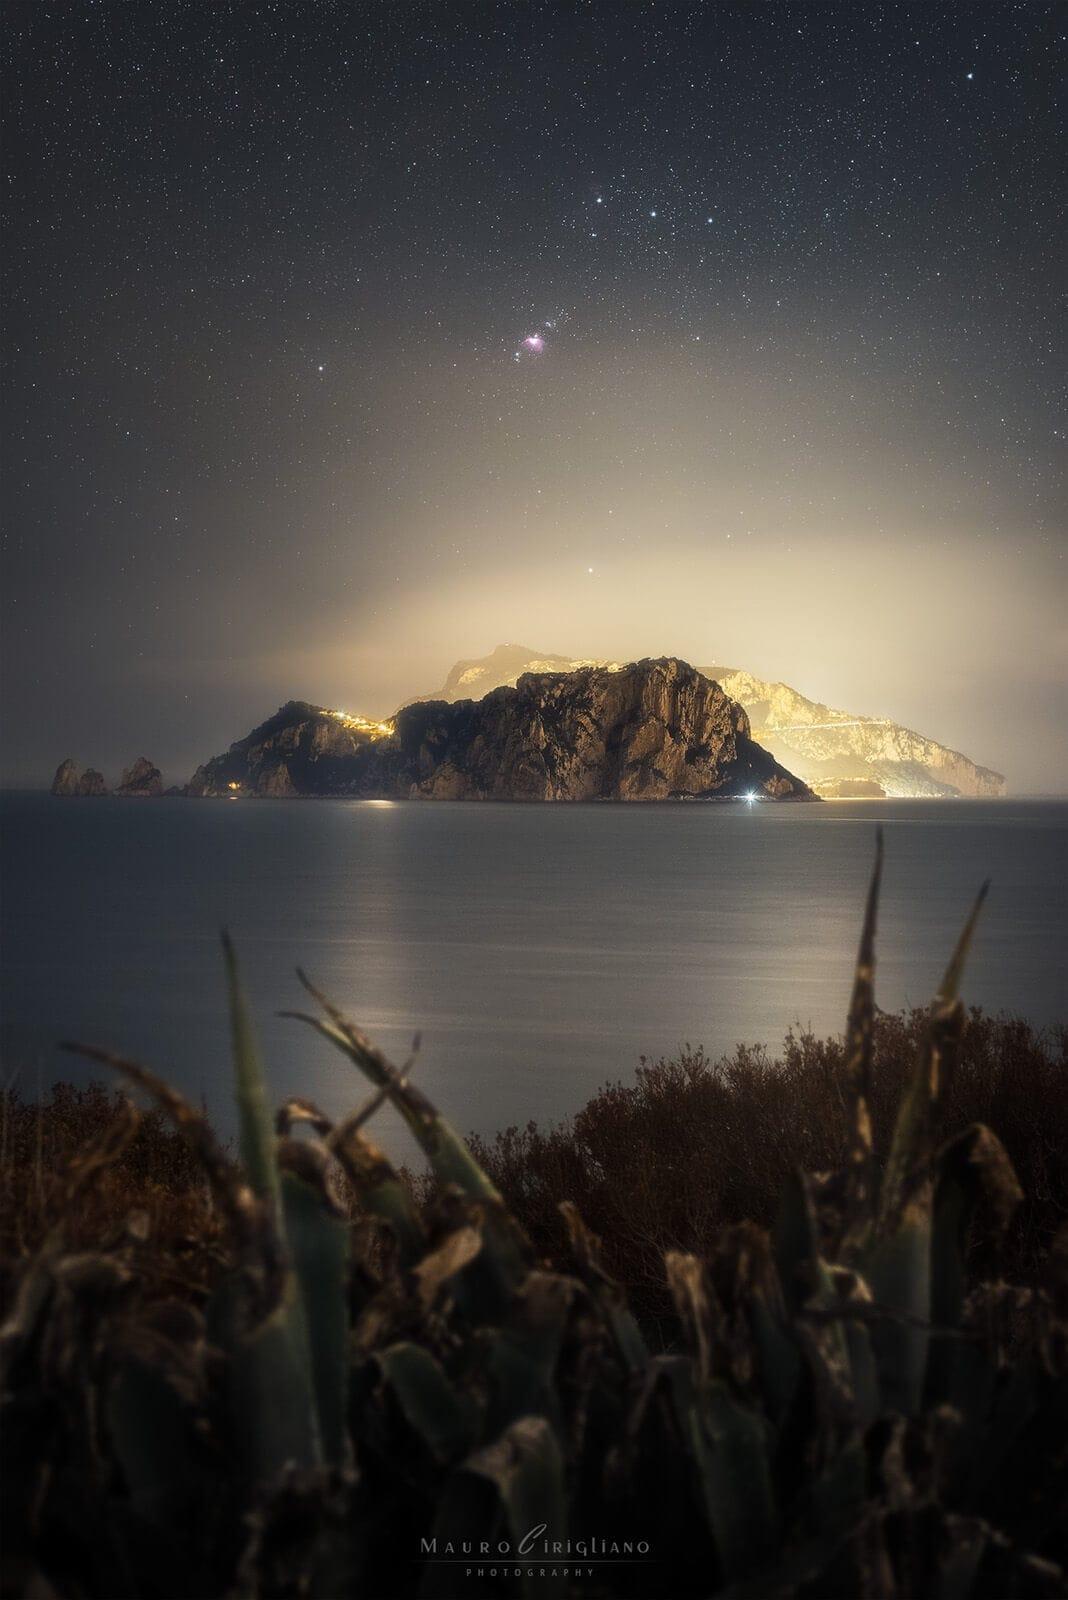 isola di capri con stelle e costellazione orione